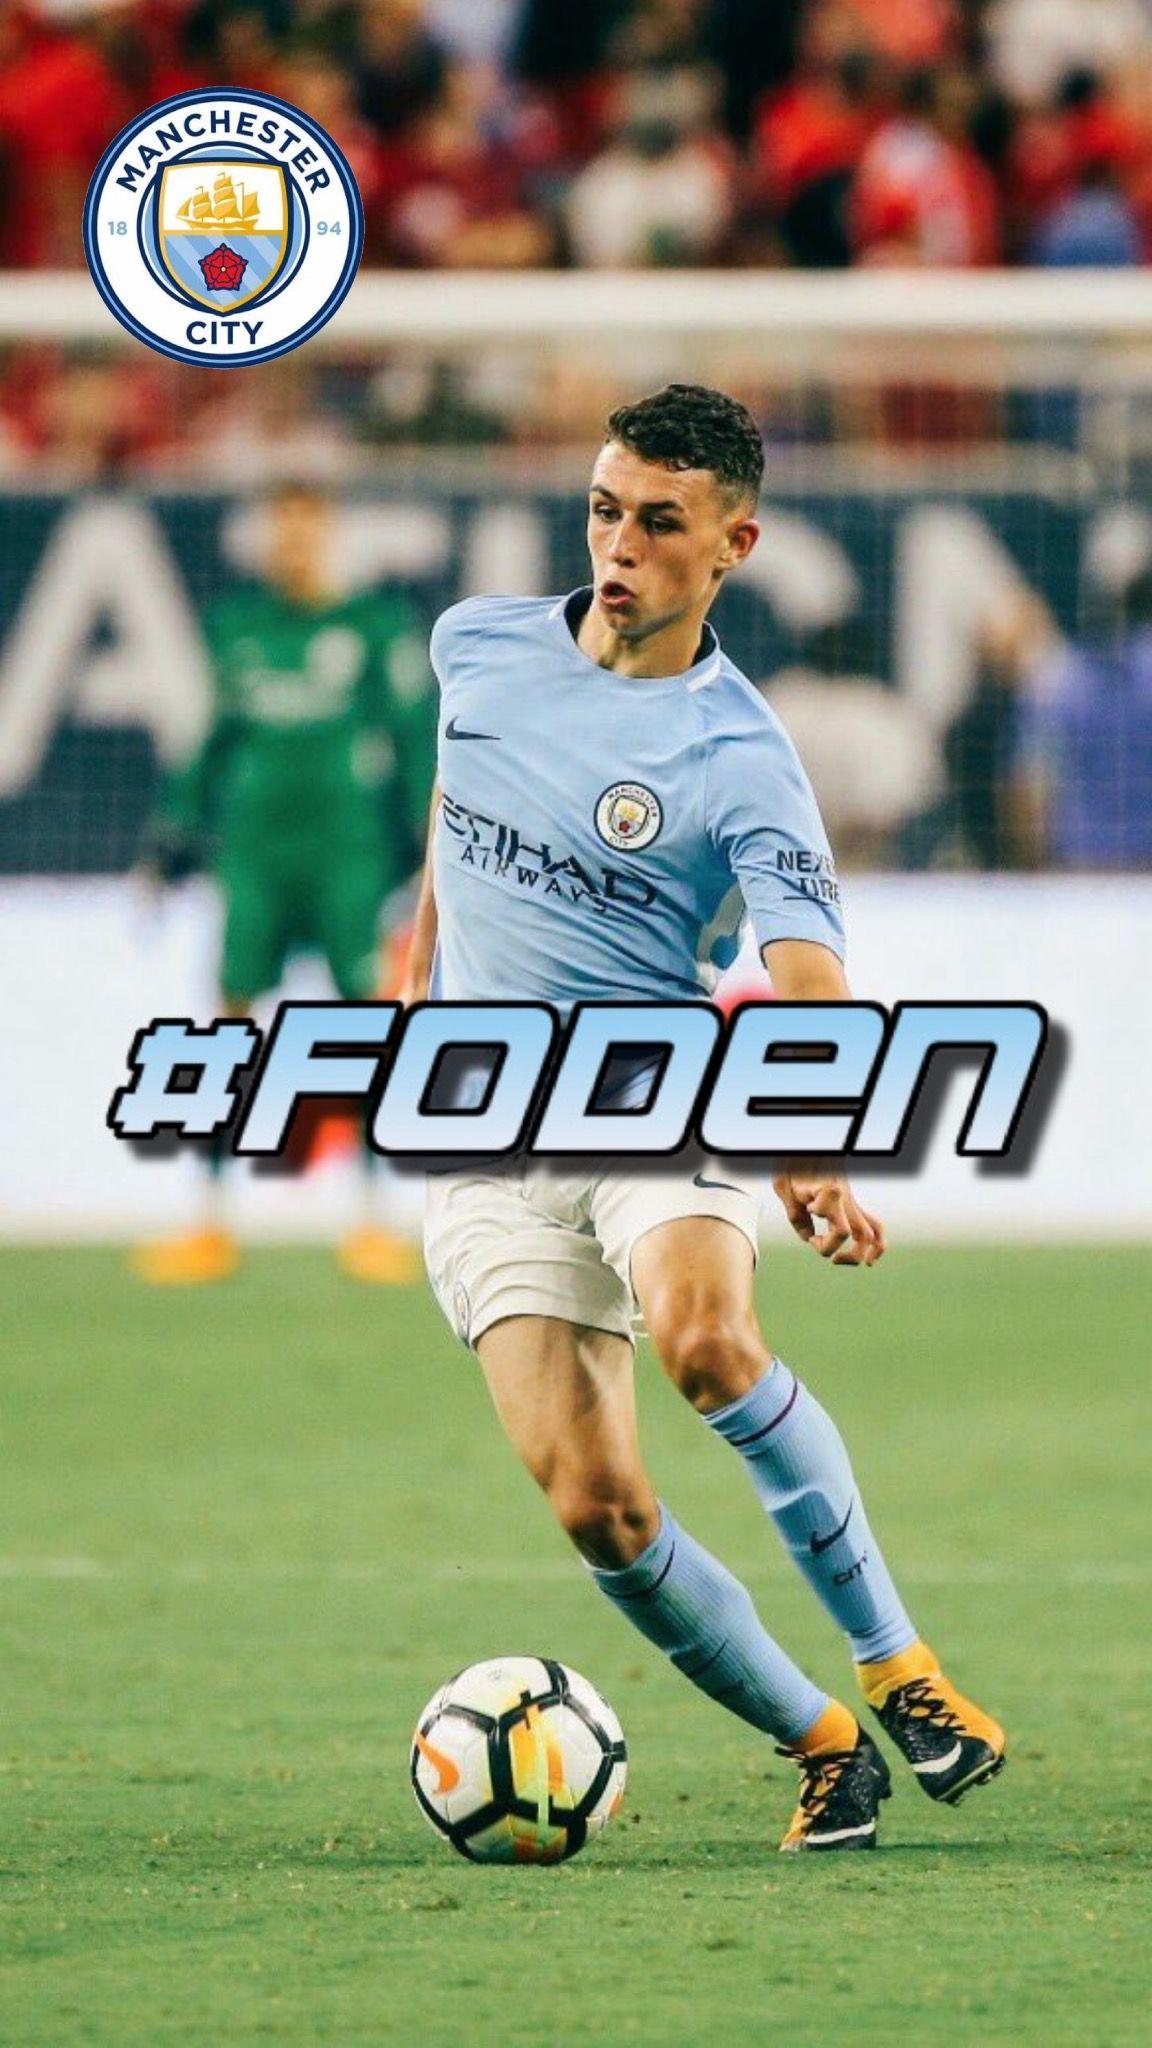 11b2d8b98d2a Phil Foden #cityontour #philfoden #mcfc #manchester Manchester City,  Football Players,